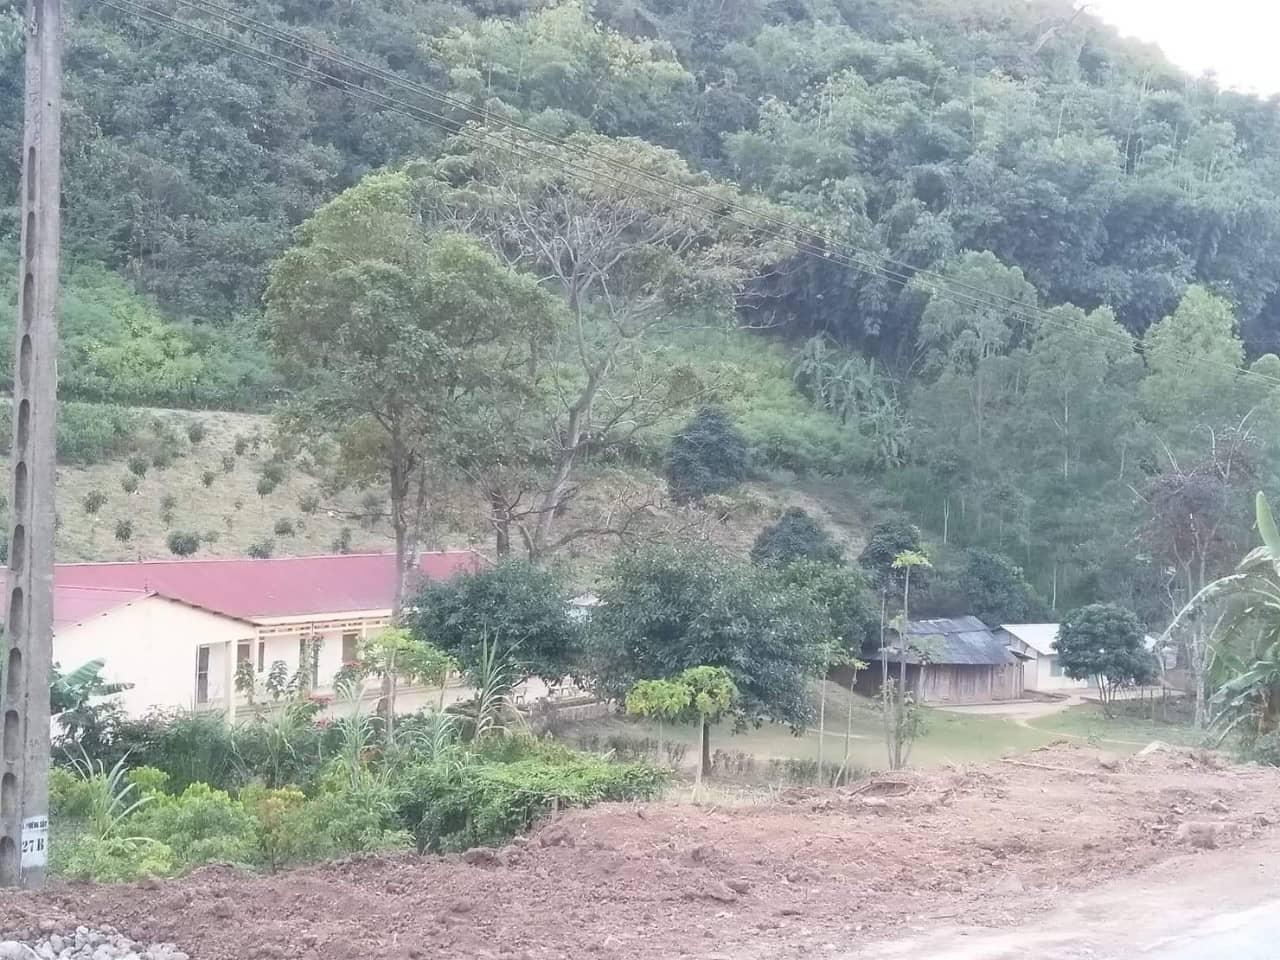 Điểm trường Phiêng Trai nhìn từ xa